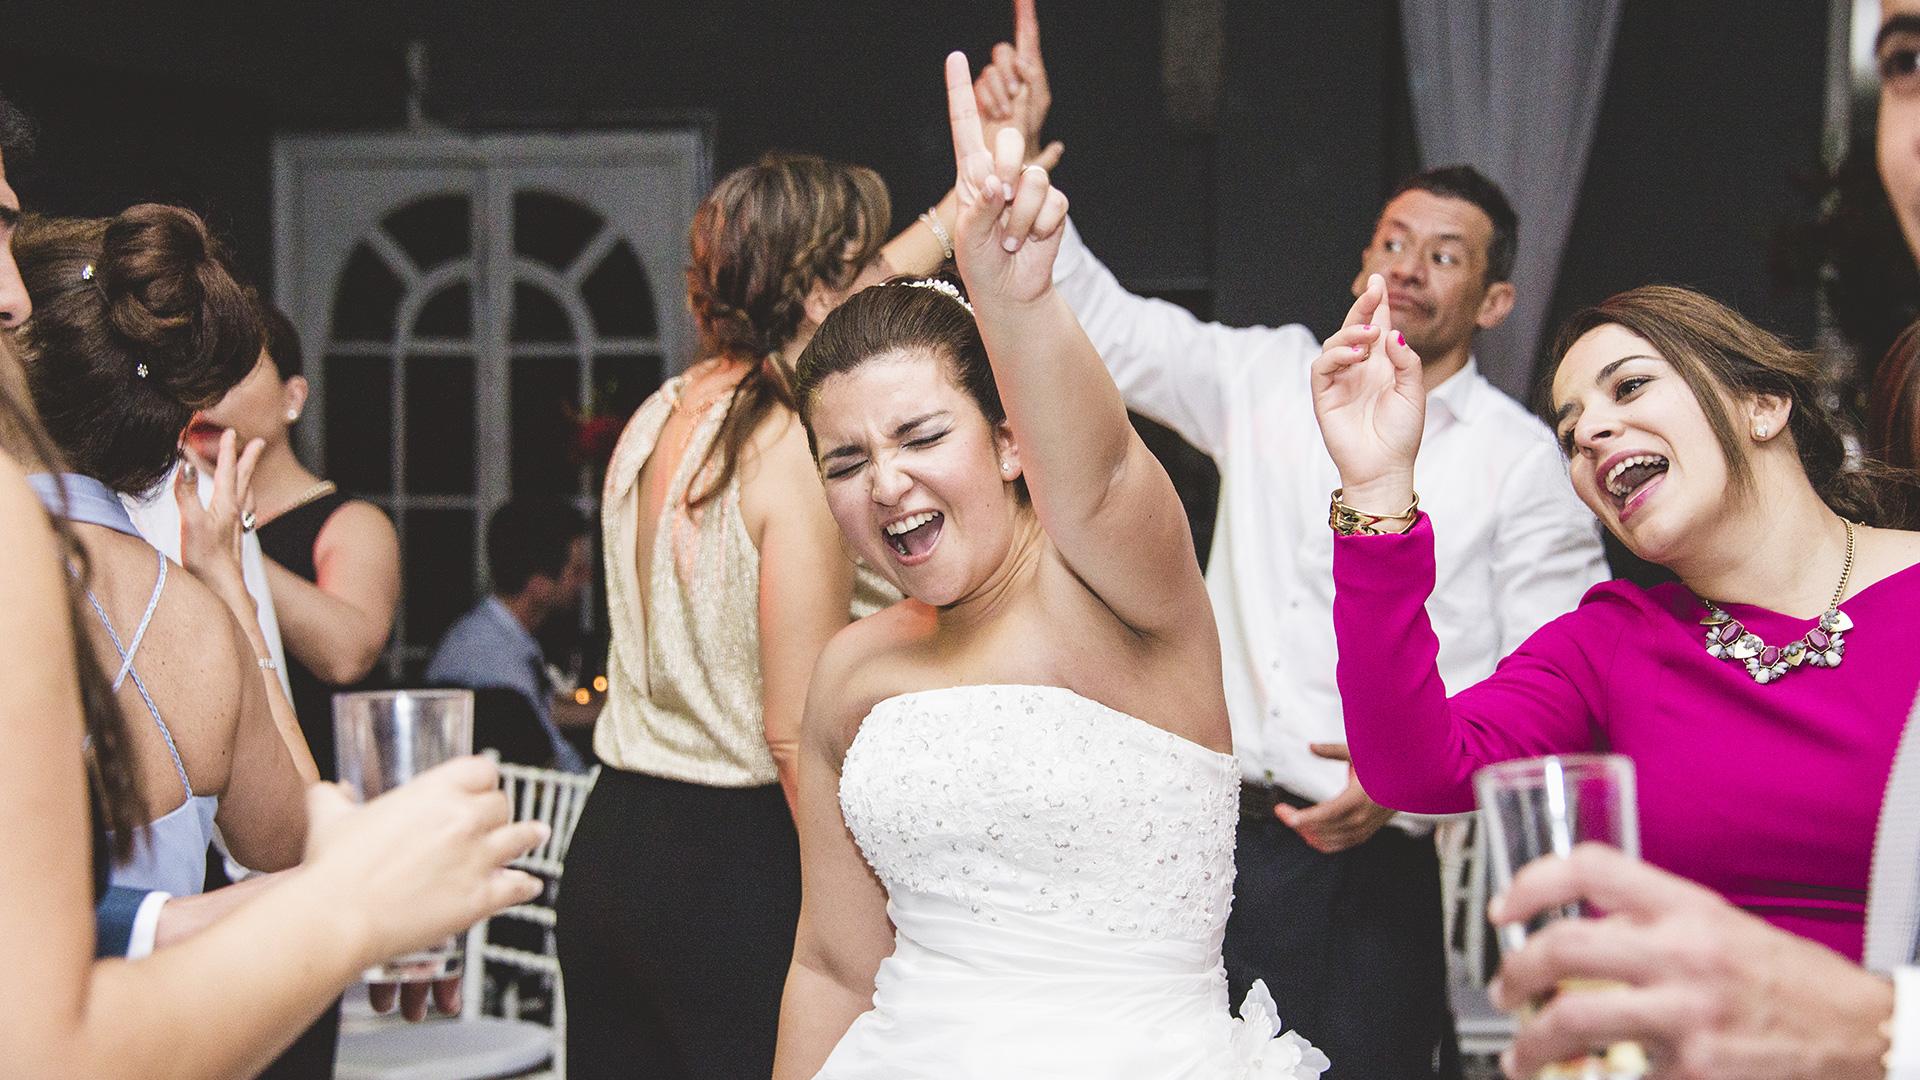 Susana & Christian - Cuando el DJ Pone tu canción favorita - Matrimonio en Santa Catalina de Chicureo